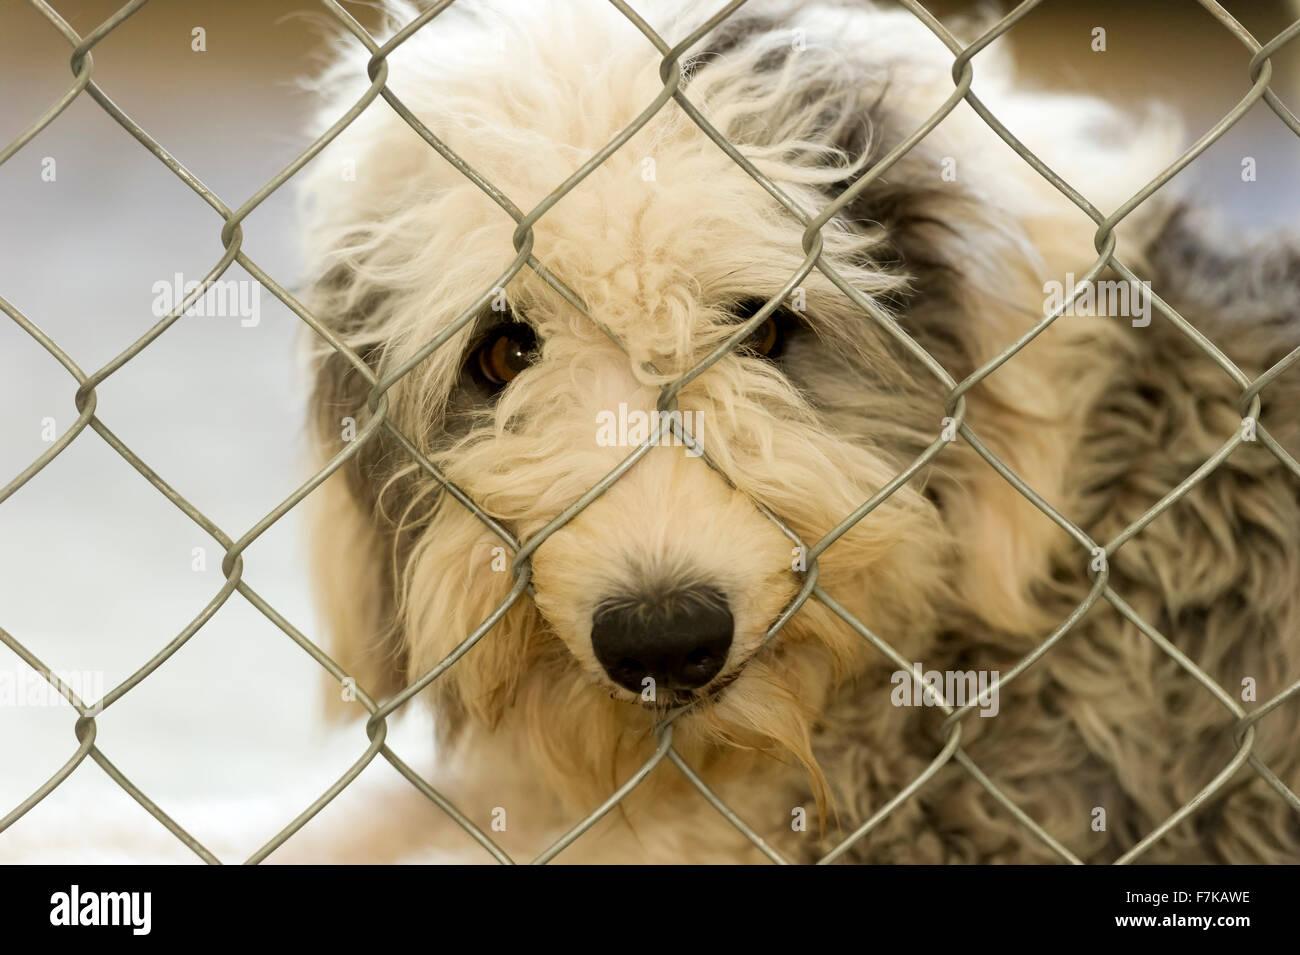 Tierheim Hund ein traurig aussehende Schäferhund peering hinter ...